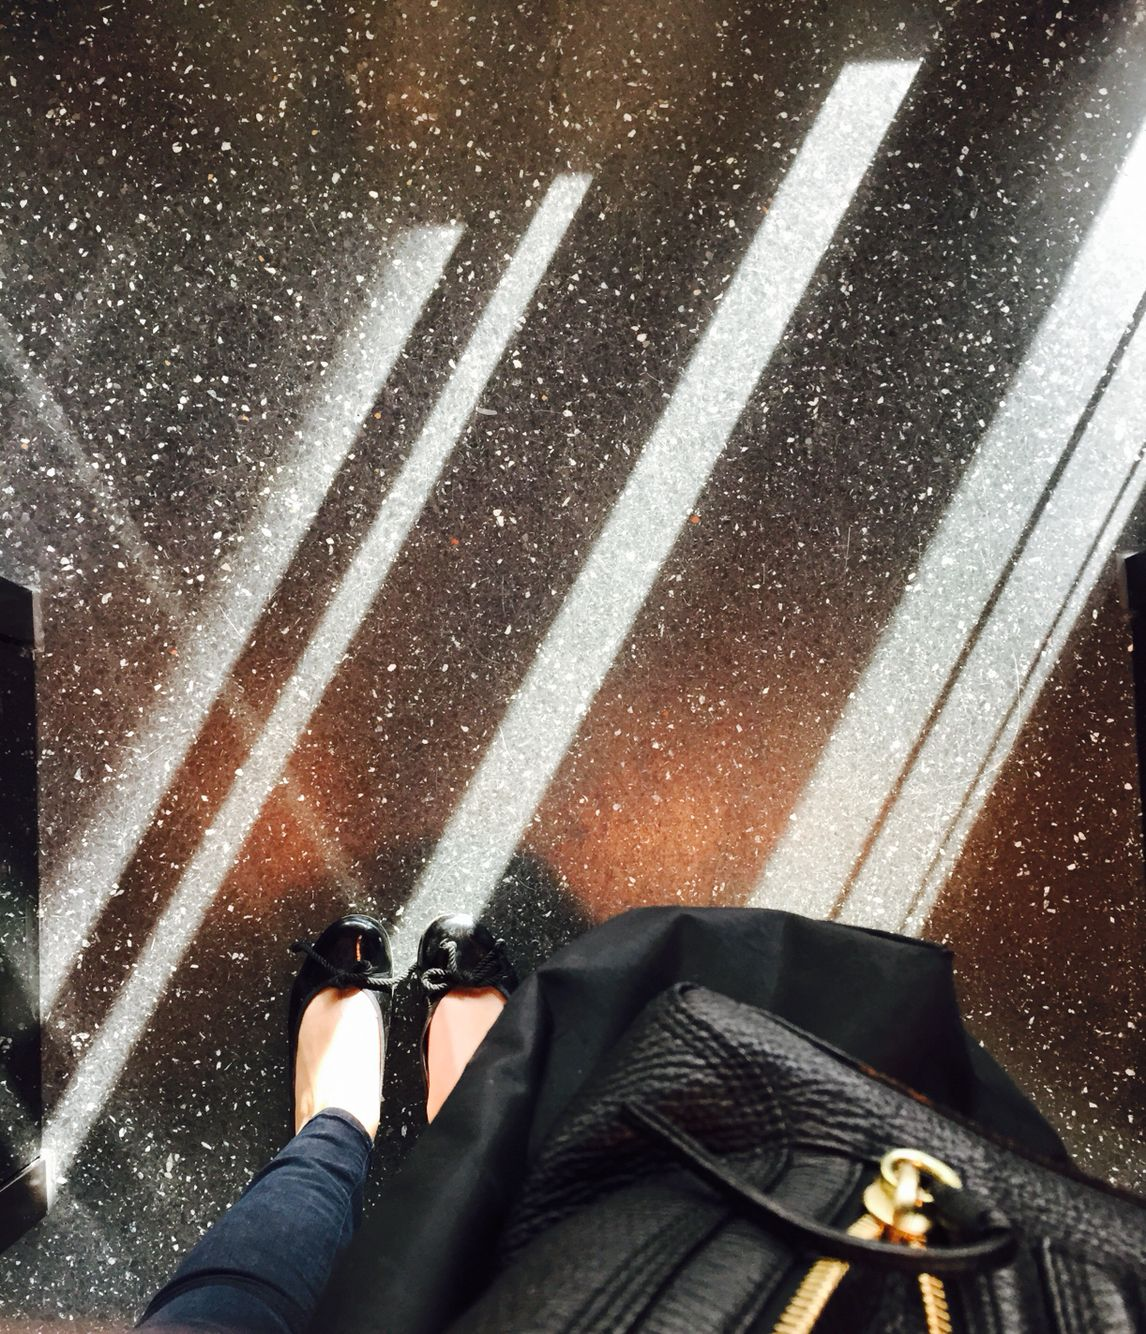 Leave a sparkle everywhere you go . Sparkling floors